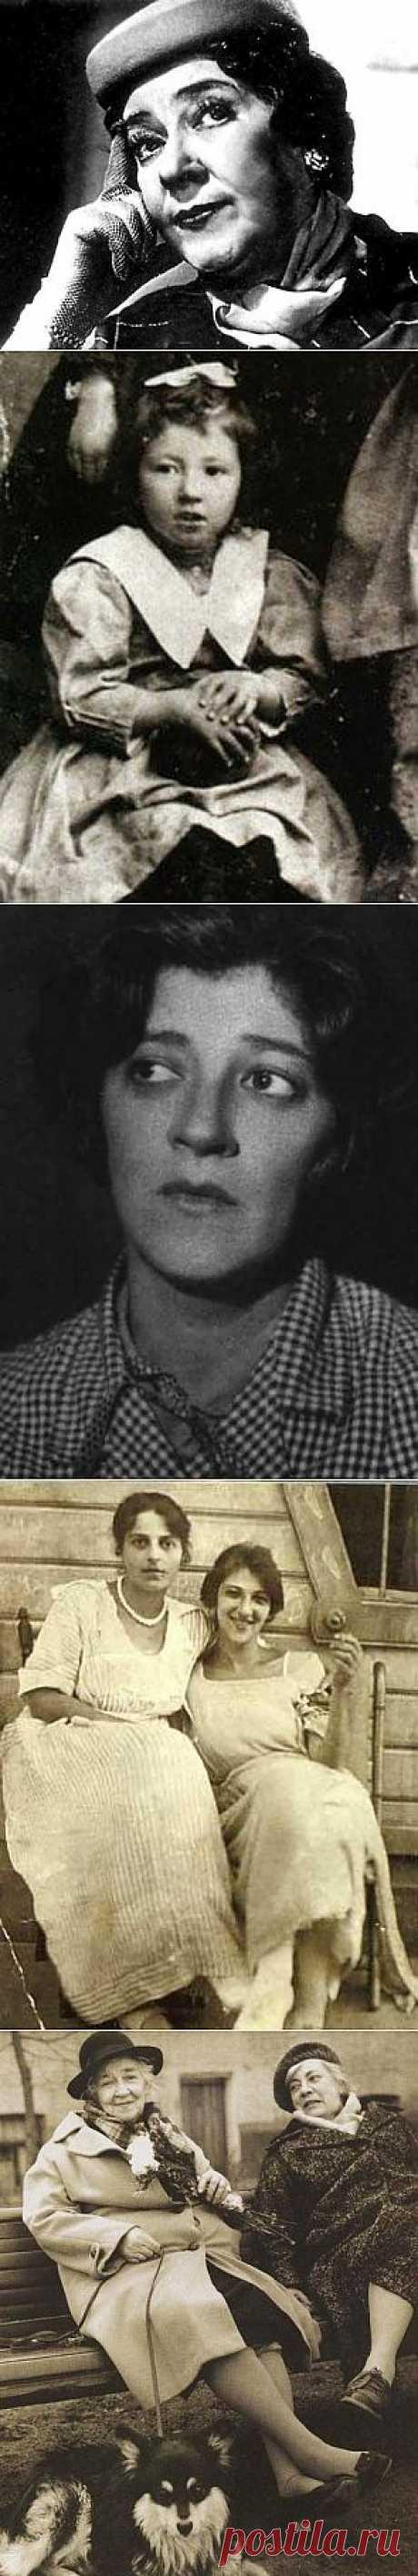 7 августа 2013-го исполнилось 117 лет со дня рождения замечательной артистки театра и кино, остроумной женщины Фаины Георгиевны Раневской. Судьба не баловала ее, и жизнь ее могла сложиться по-другому, если бы она не принесла себя в жертву на алтарь искусства. Любопытные факты ее биографии читайте далее.